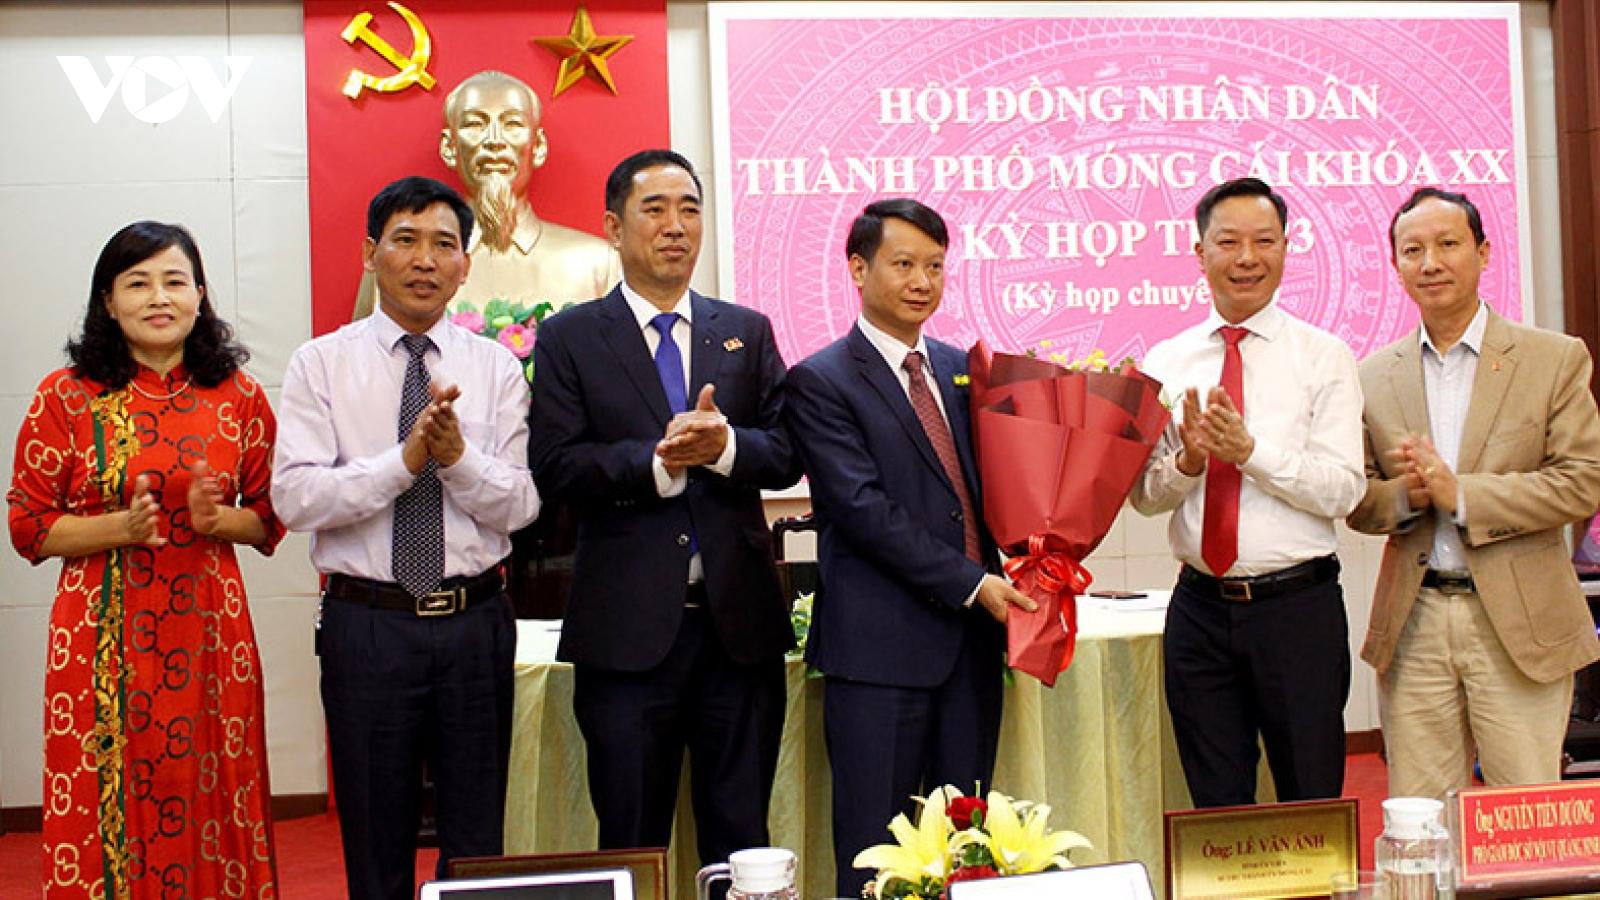 Ông Hồ Quang Huy được bầu làm Chủ tịch UBND thành phố Móng Cái